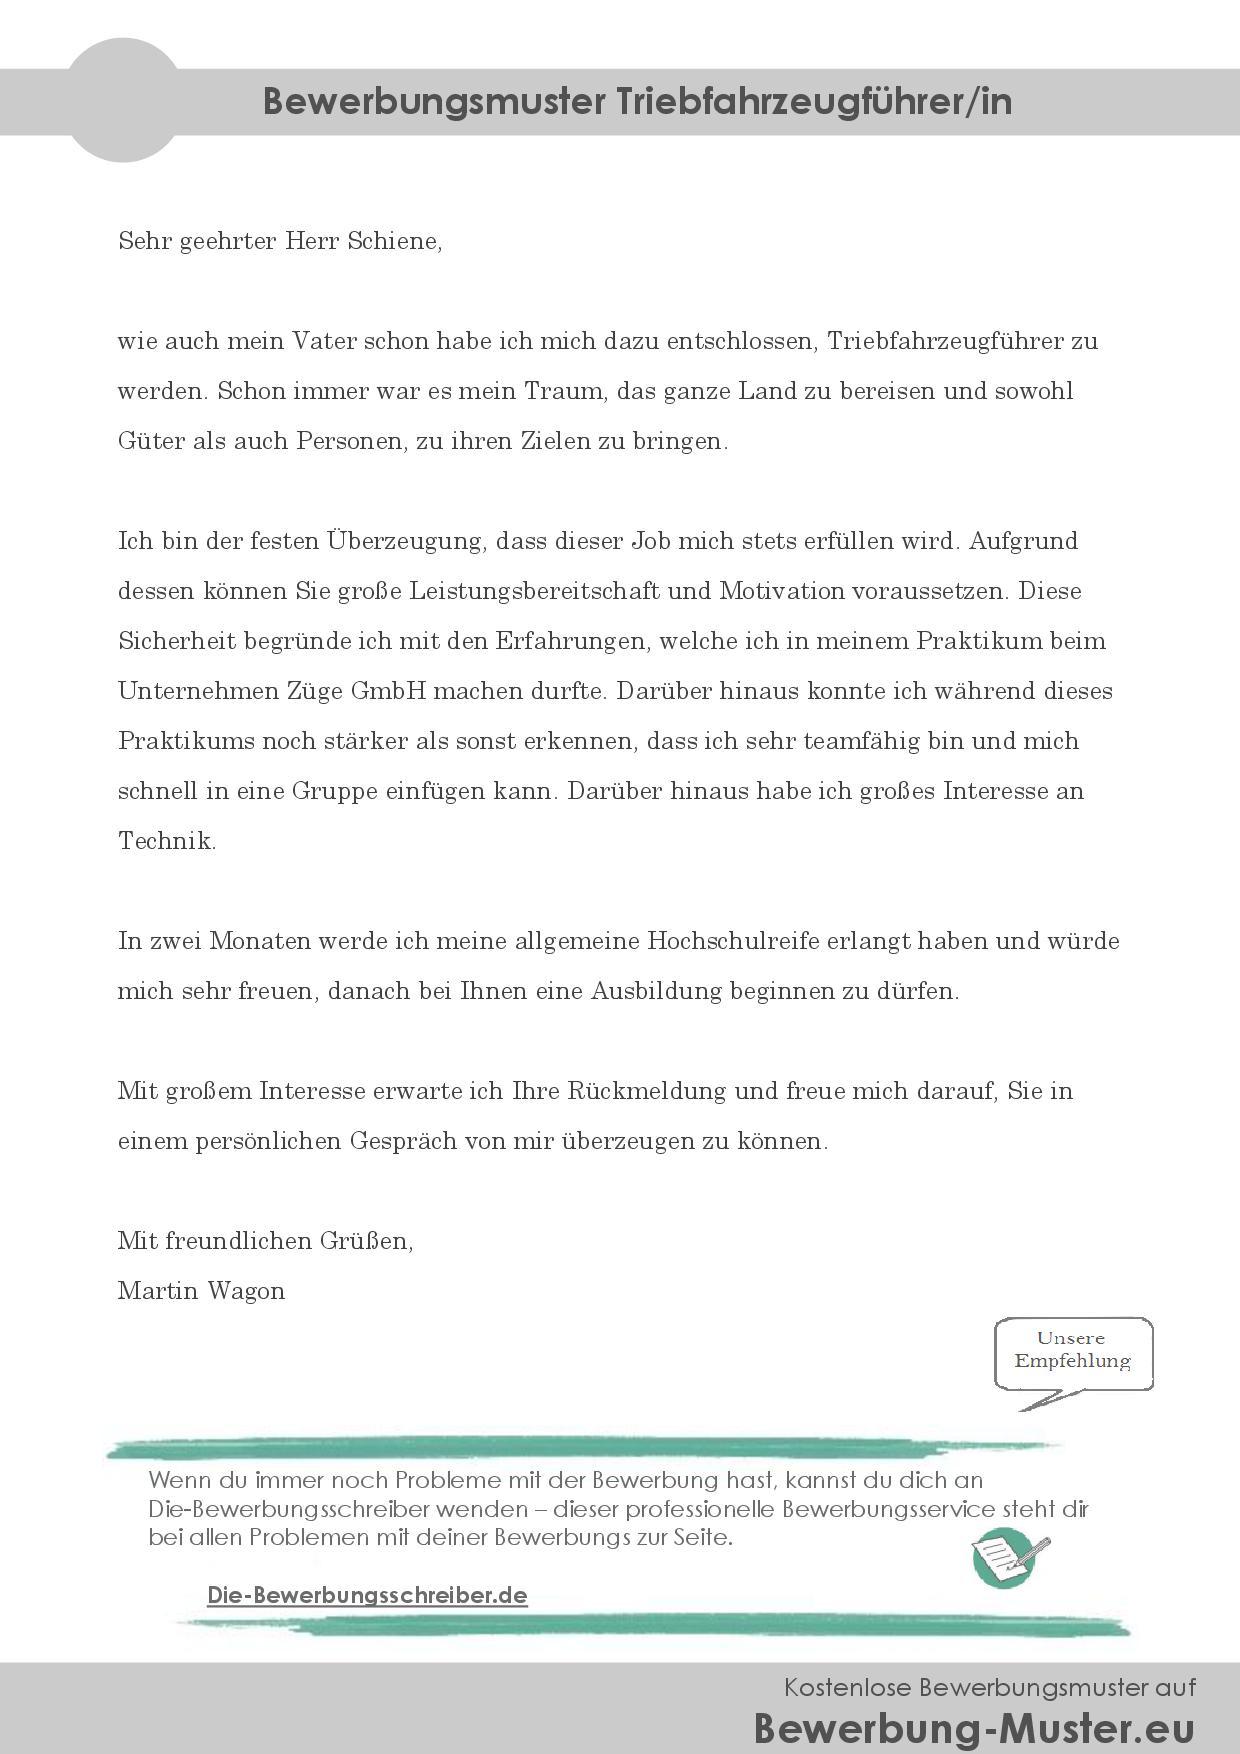 Bewerbungsmuster Triebfahrzeugführer/in